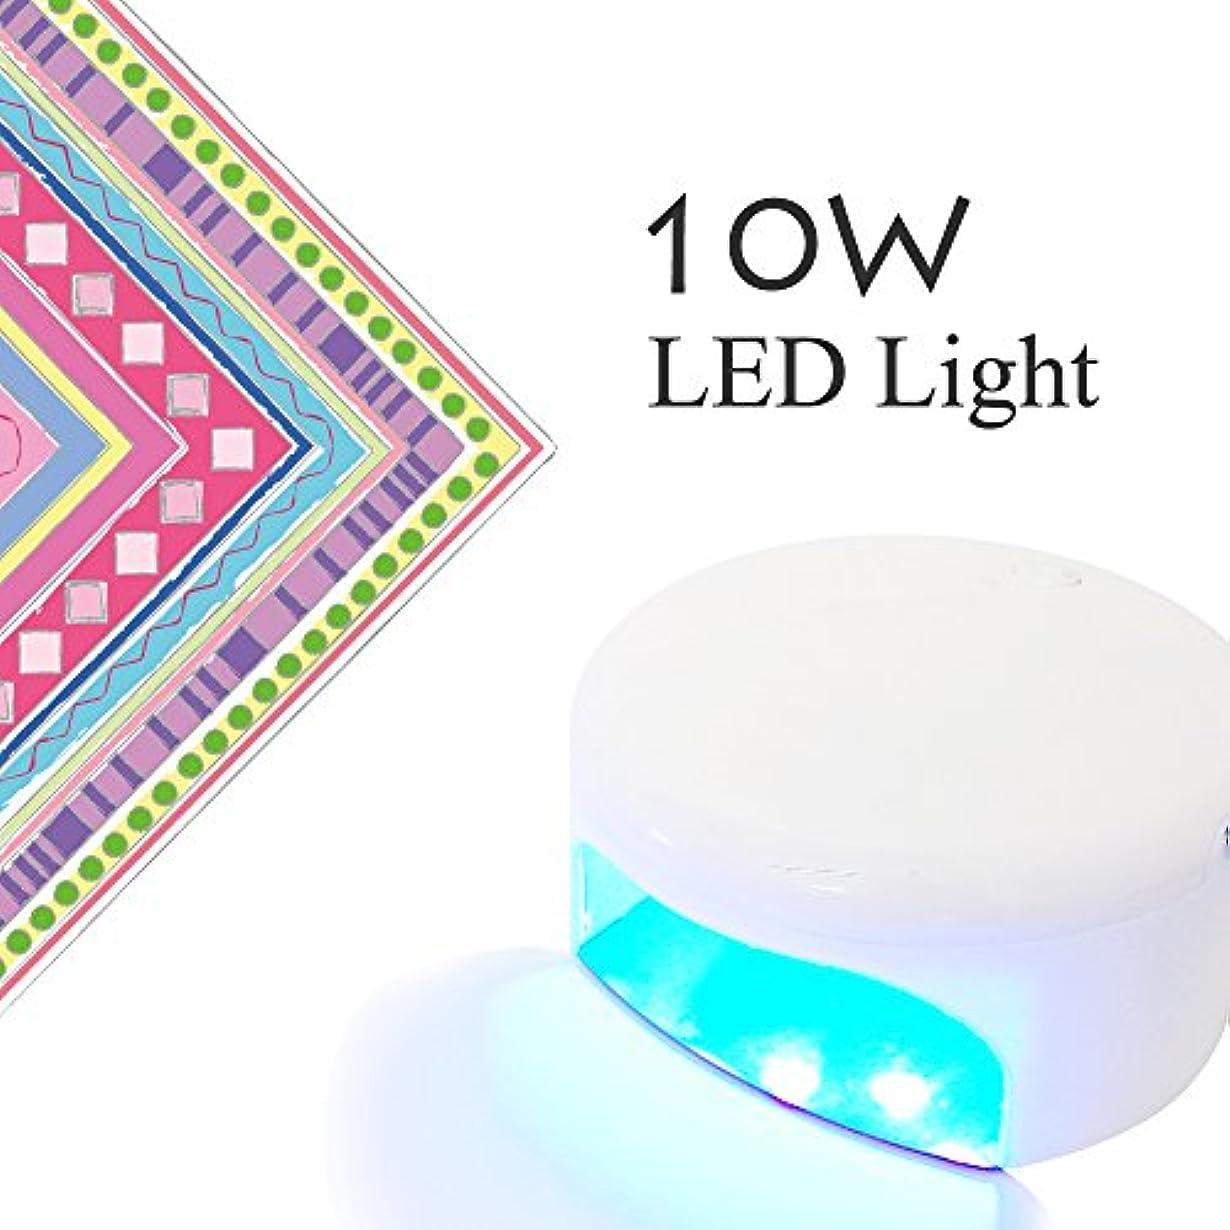 ますます感覚政治家ネイル用LEDライト 10W チップLED搭載 【LED10wライト】コンパクトハイパワー保証書。取扱説明書付き ジェルネイル (10W)